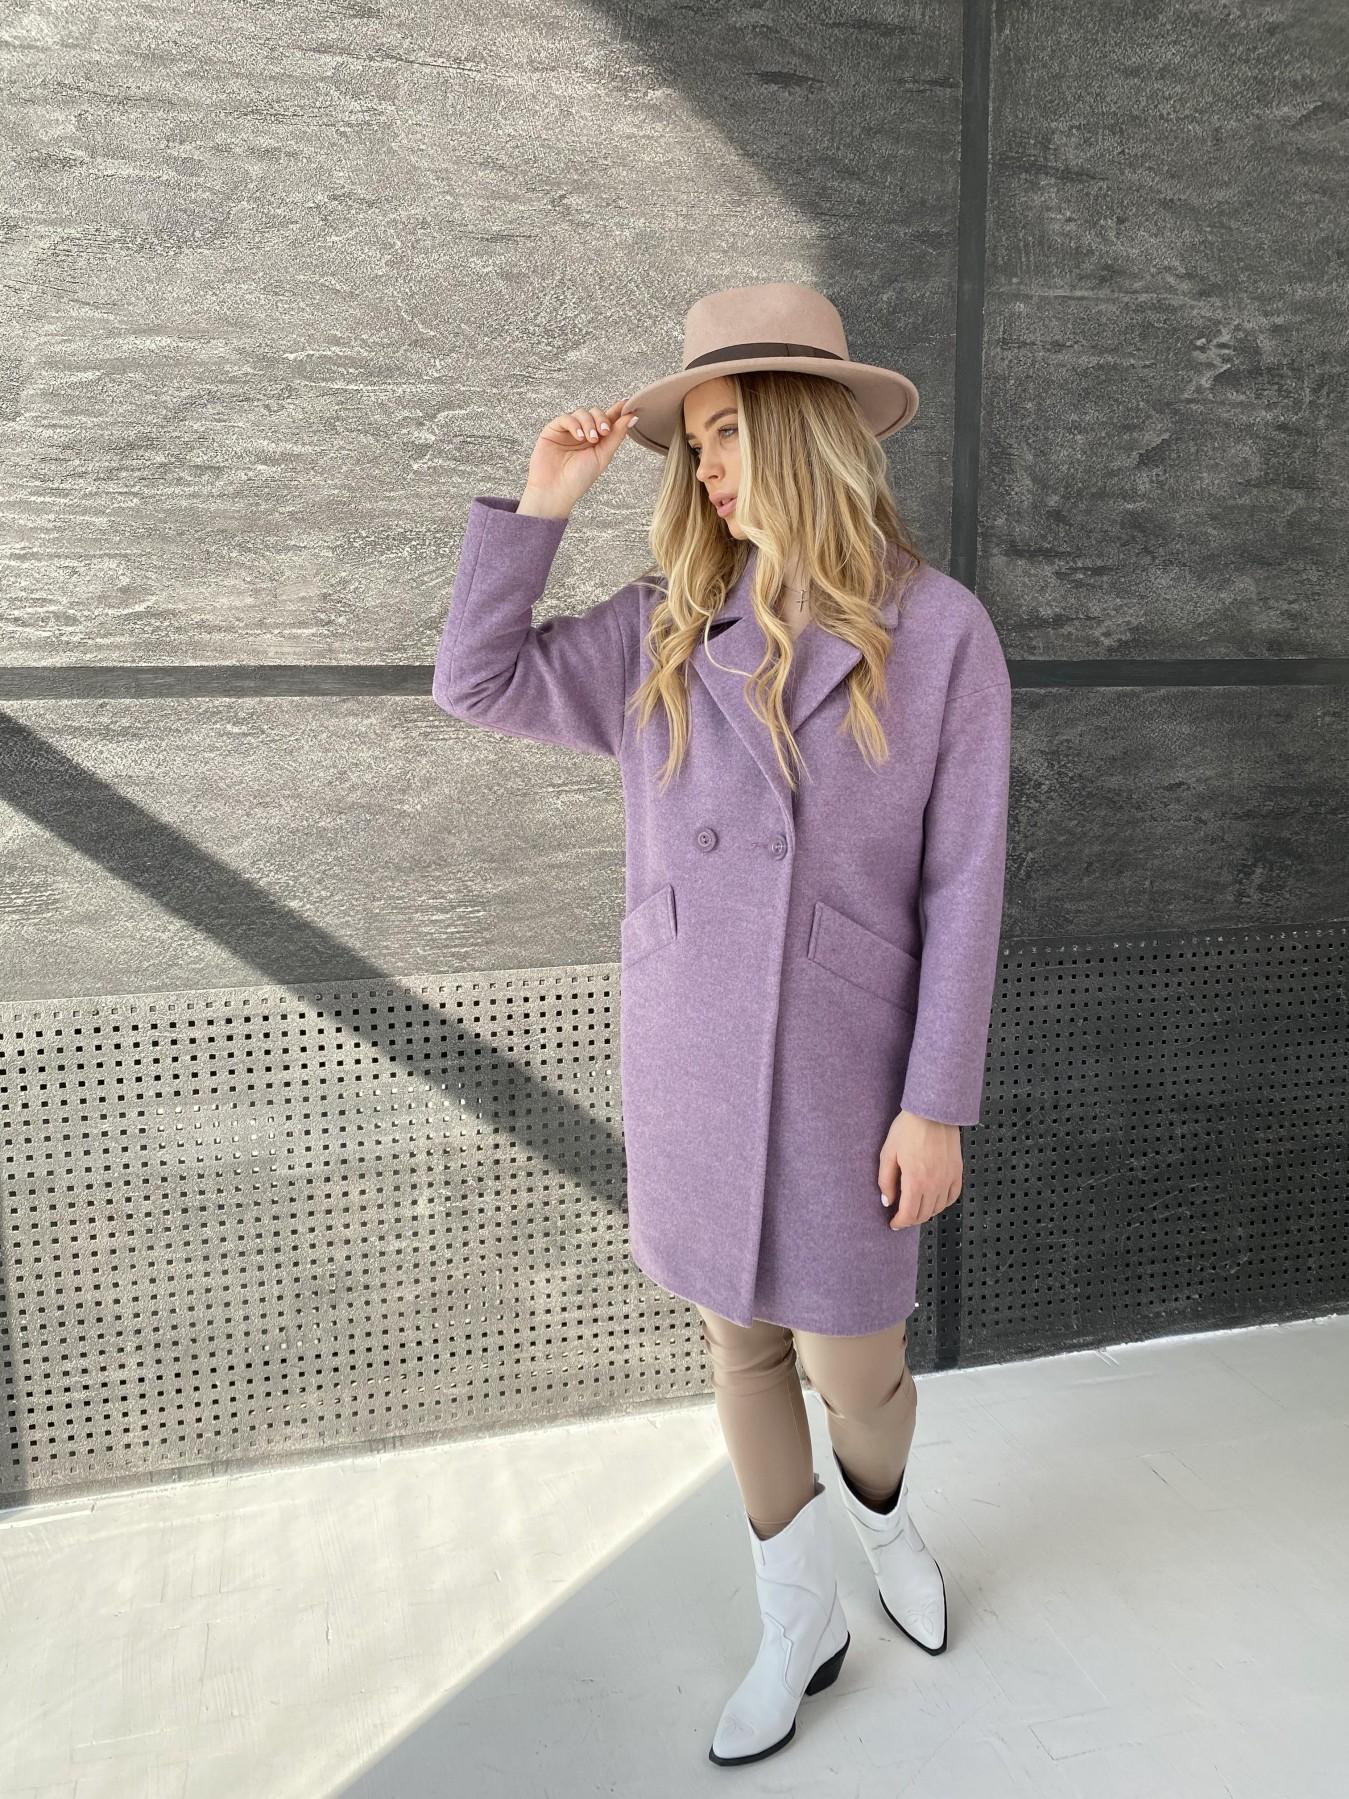 Сенсей пальто из кашемира меланж  10745 АРТ. 47232 Цвет: Сирень 42 - фото 4, интернет магазин tm-modus.ru